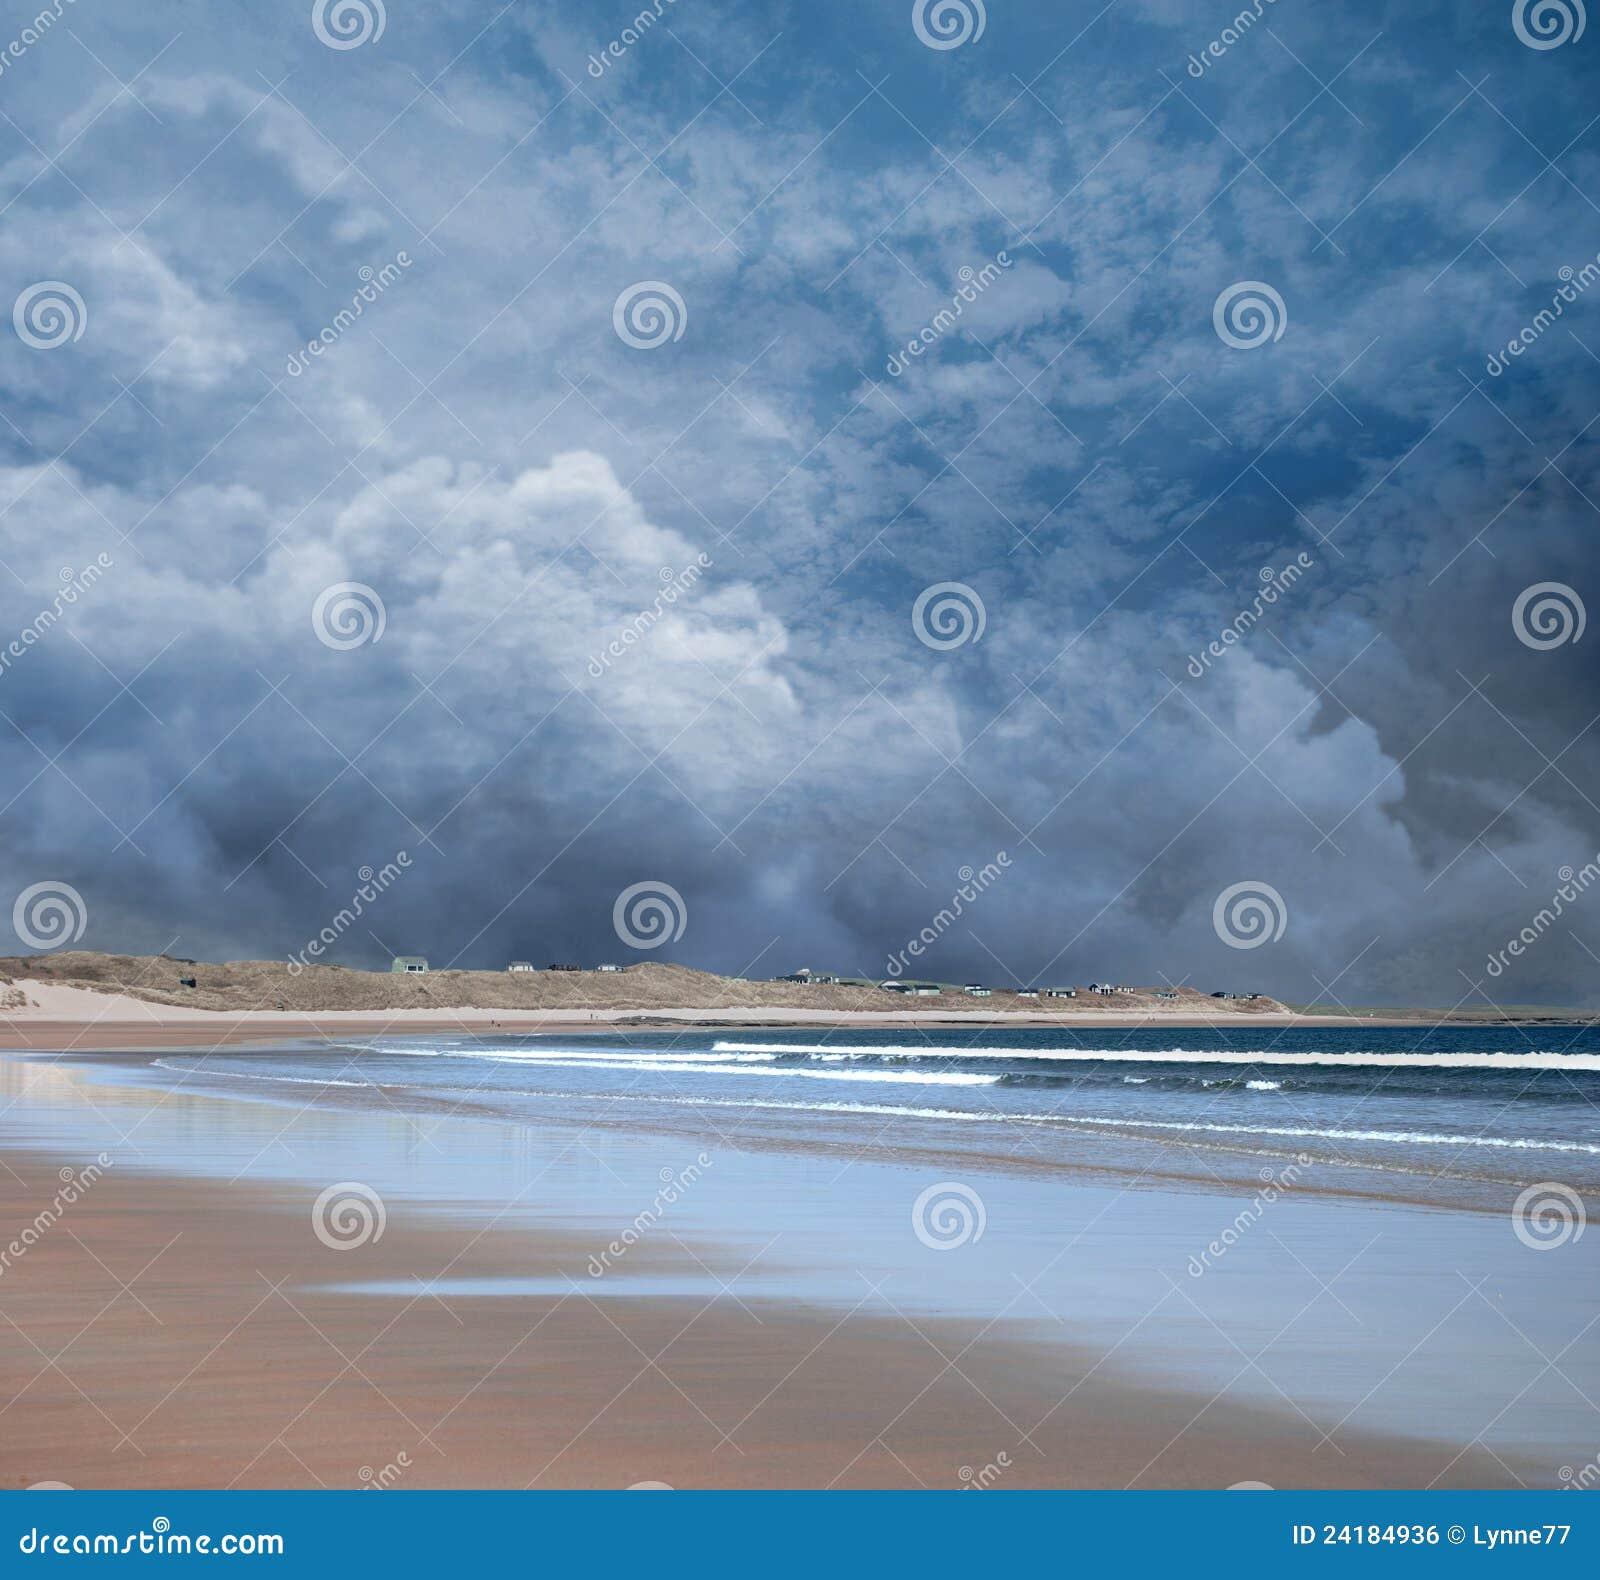 Stormy Beach Scene Stock Photo. Image Of Sandy, Dark